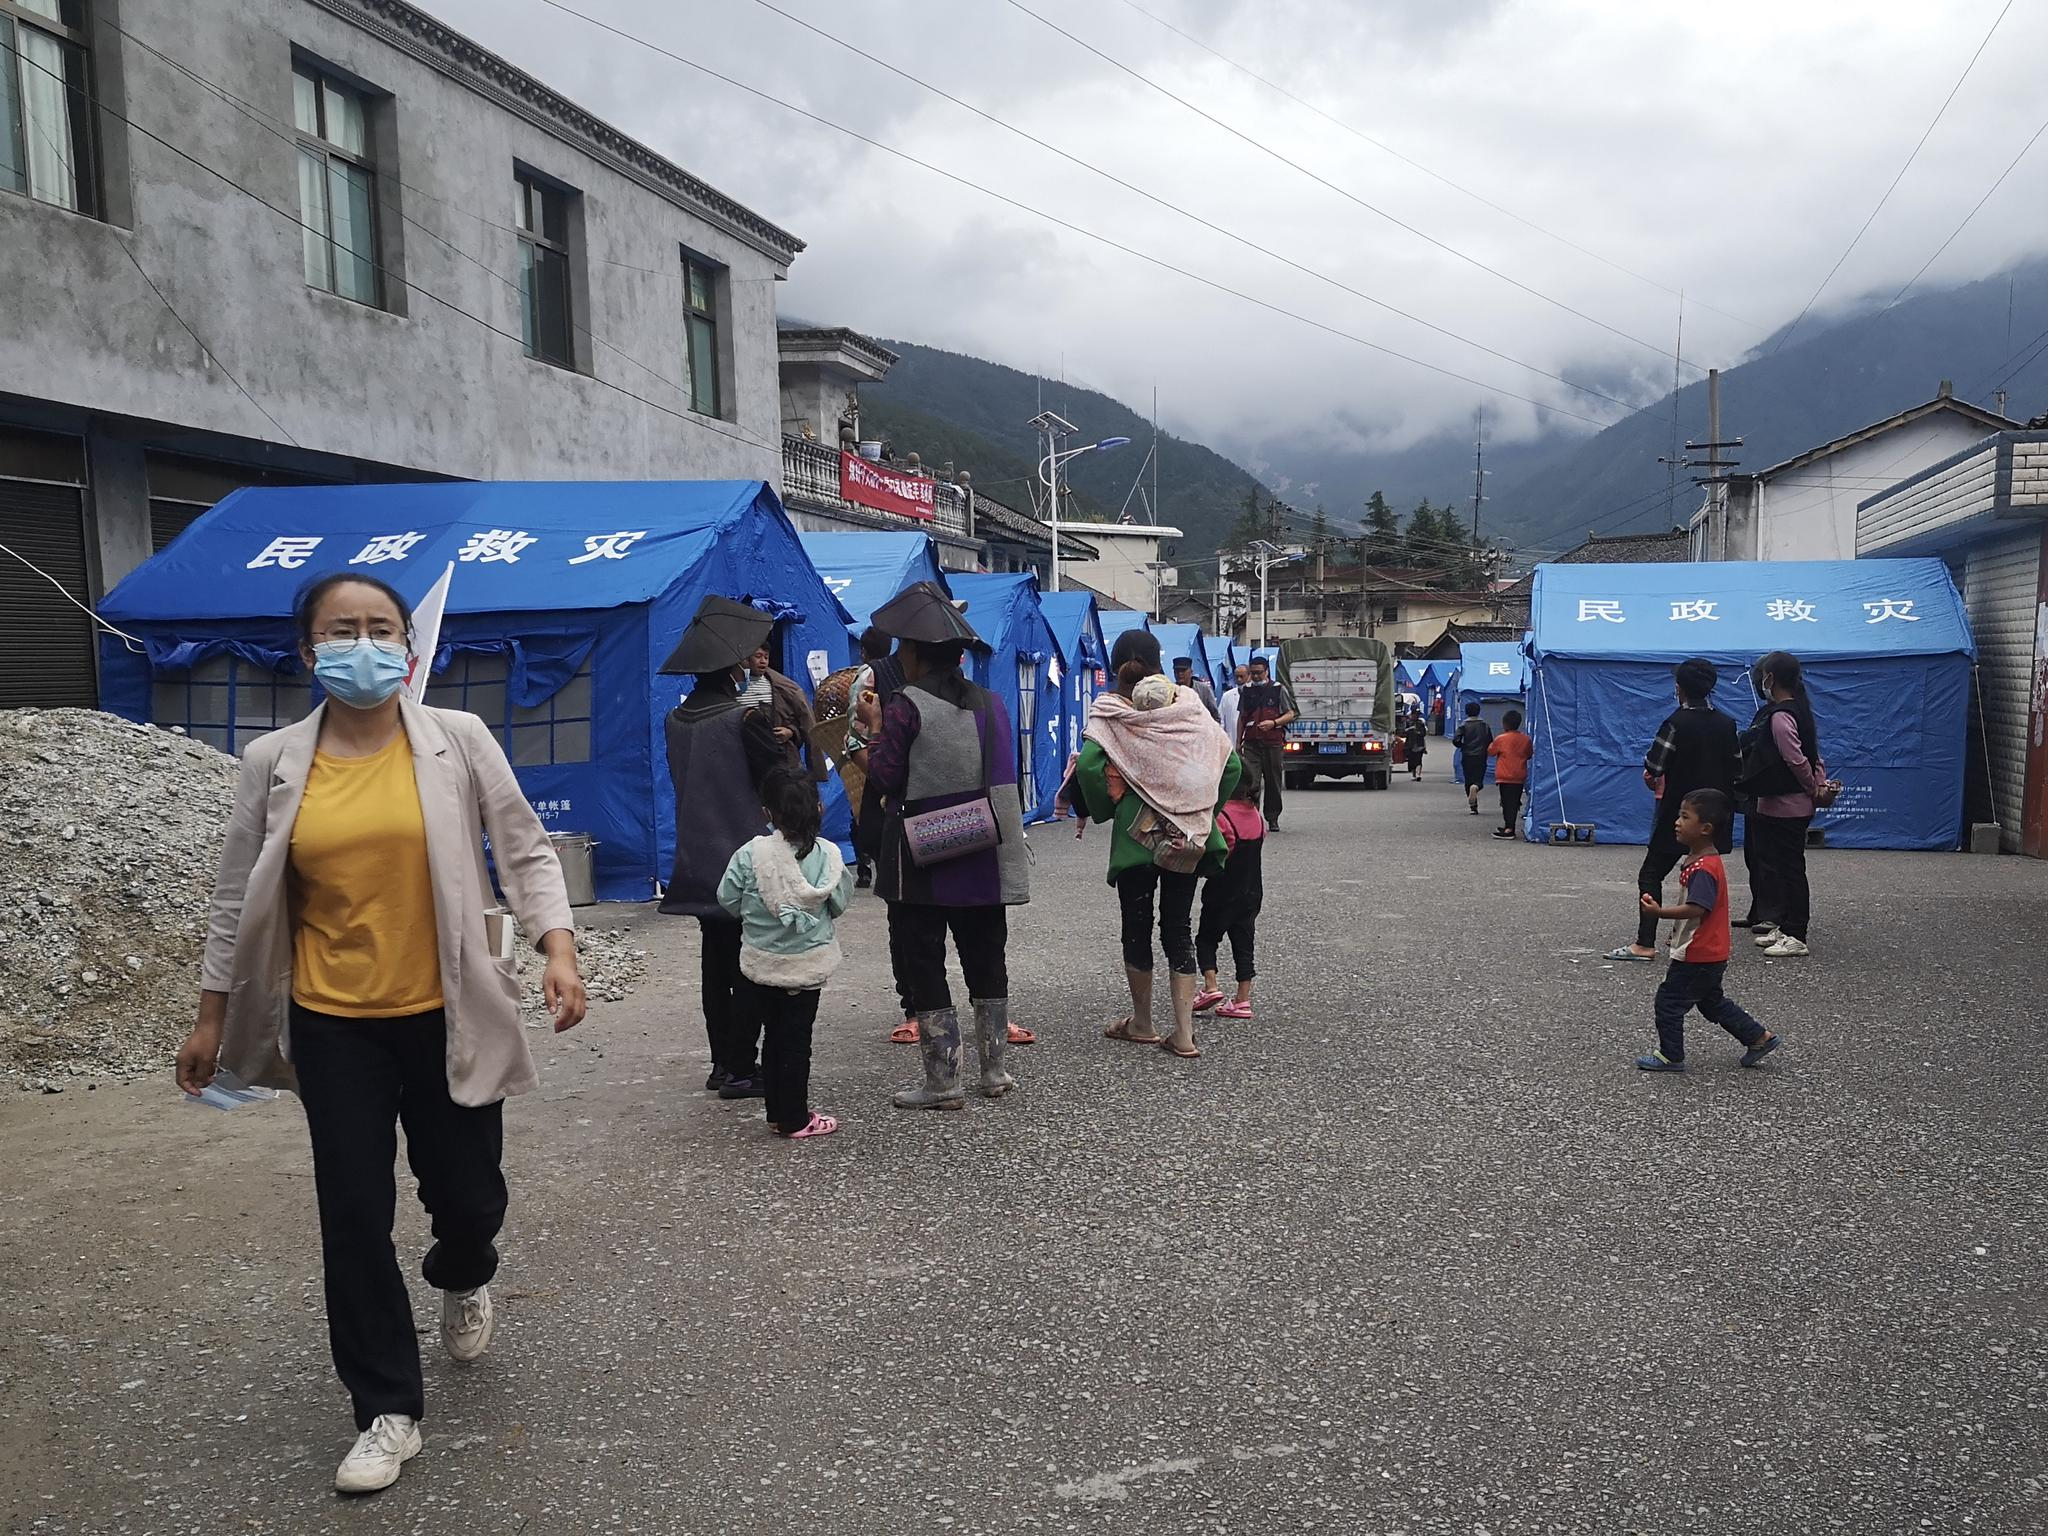 大堡子村村民转移到了原曹古乡乡当局暂时安顿点。新京报记者 李桂 摄